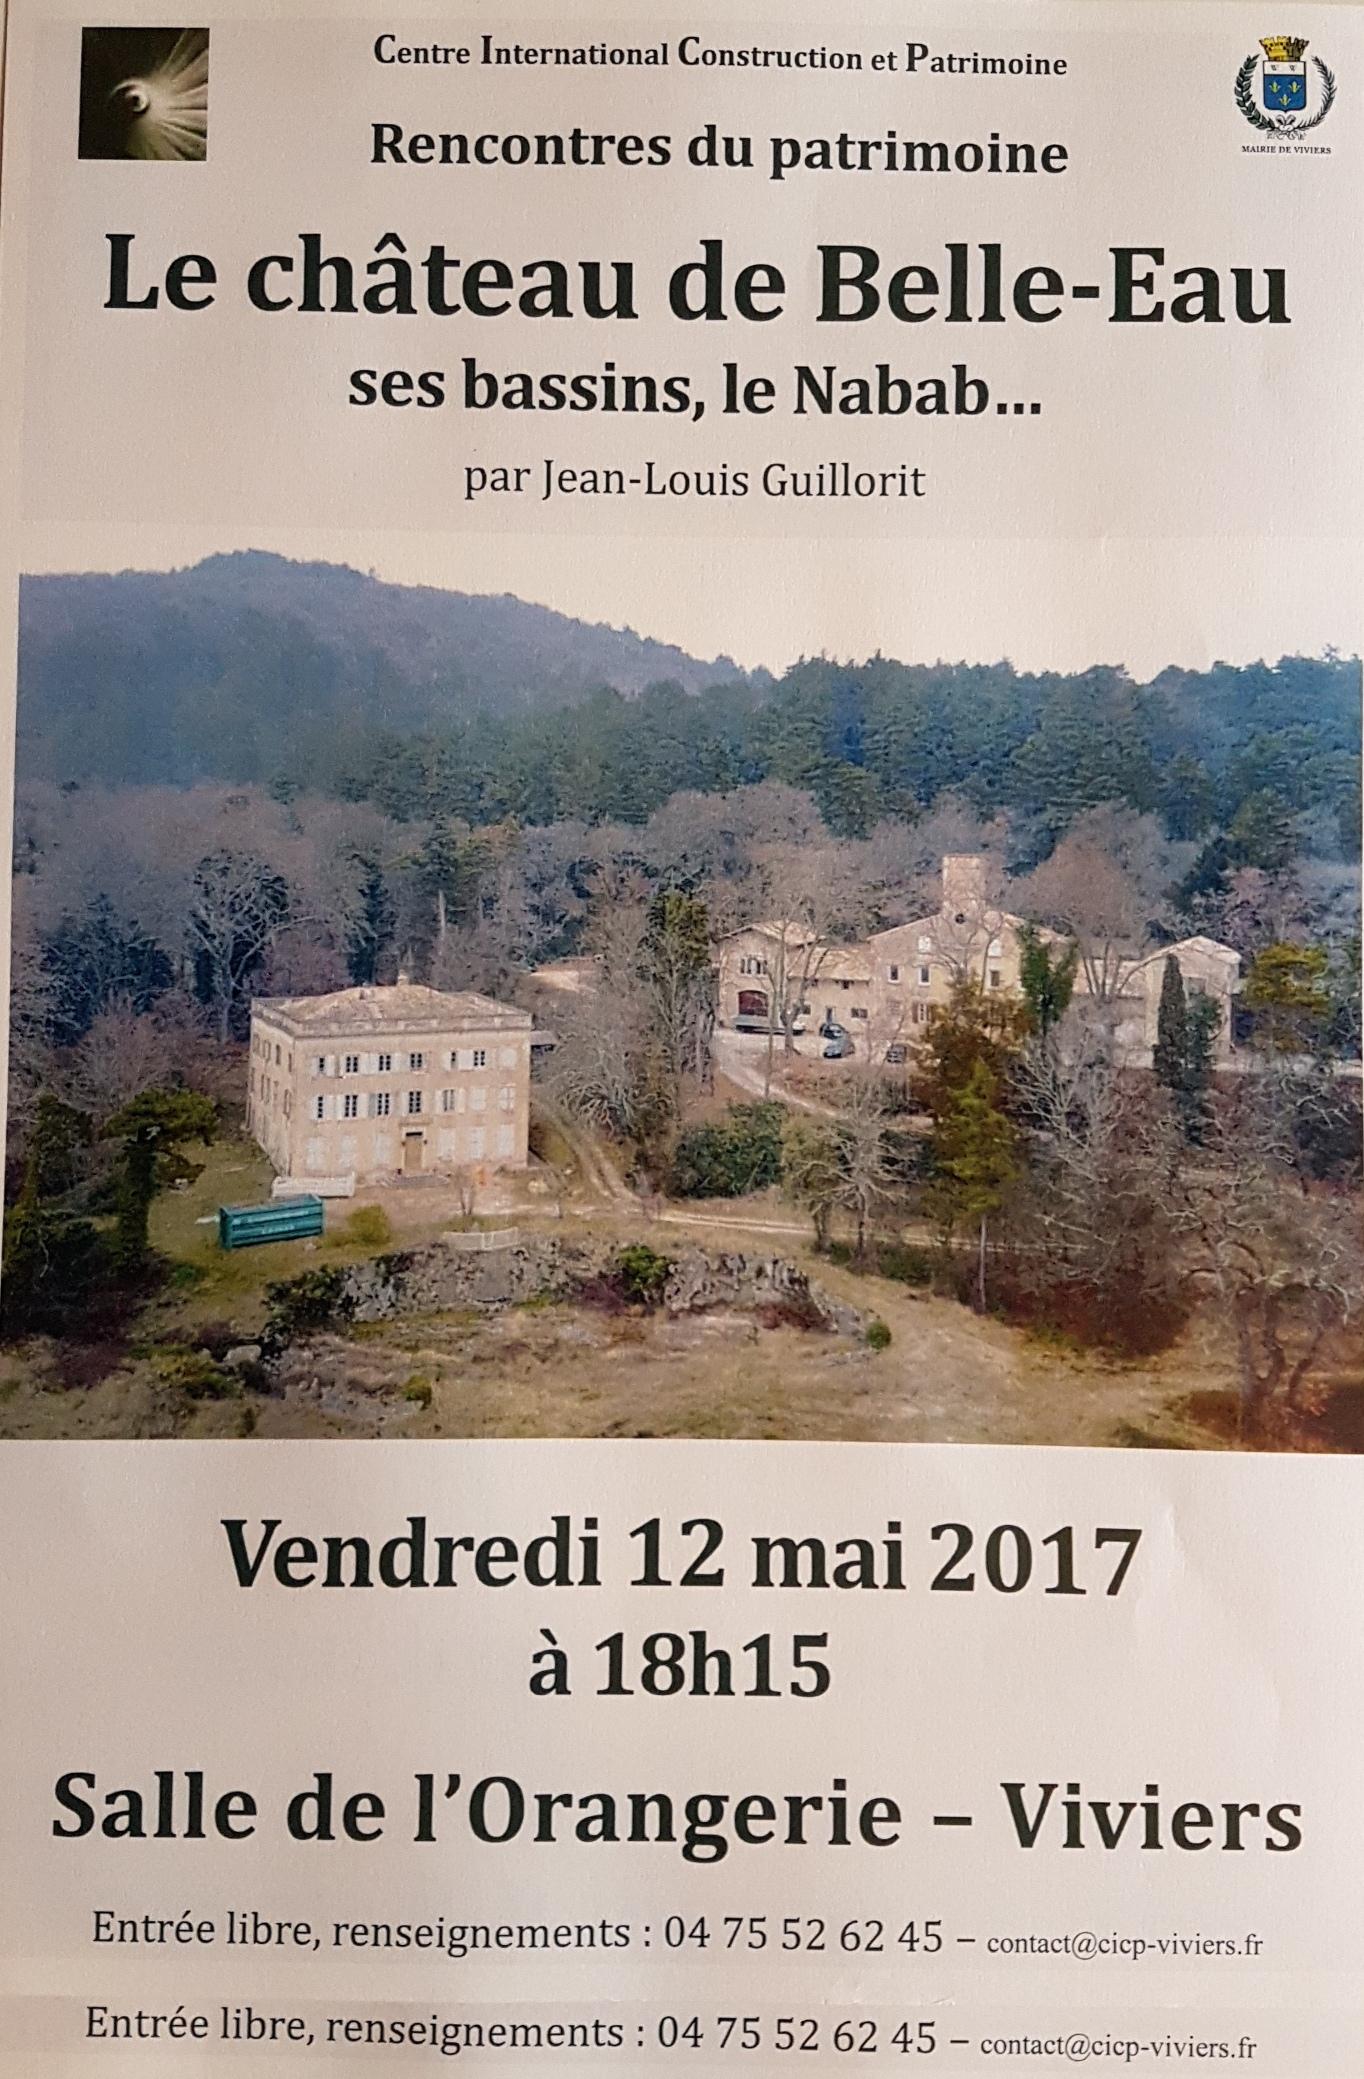 Rencontre Patrimoine : le château de Belle-Eau, ses bassins, le Nabab